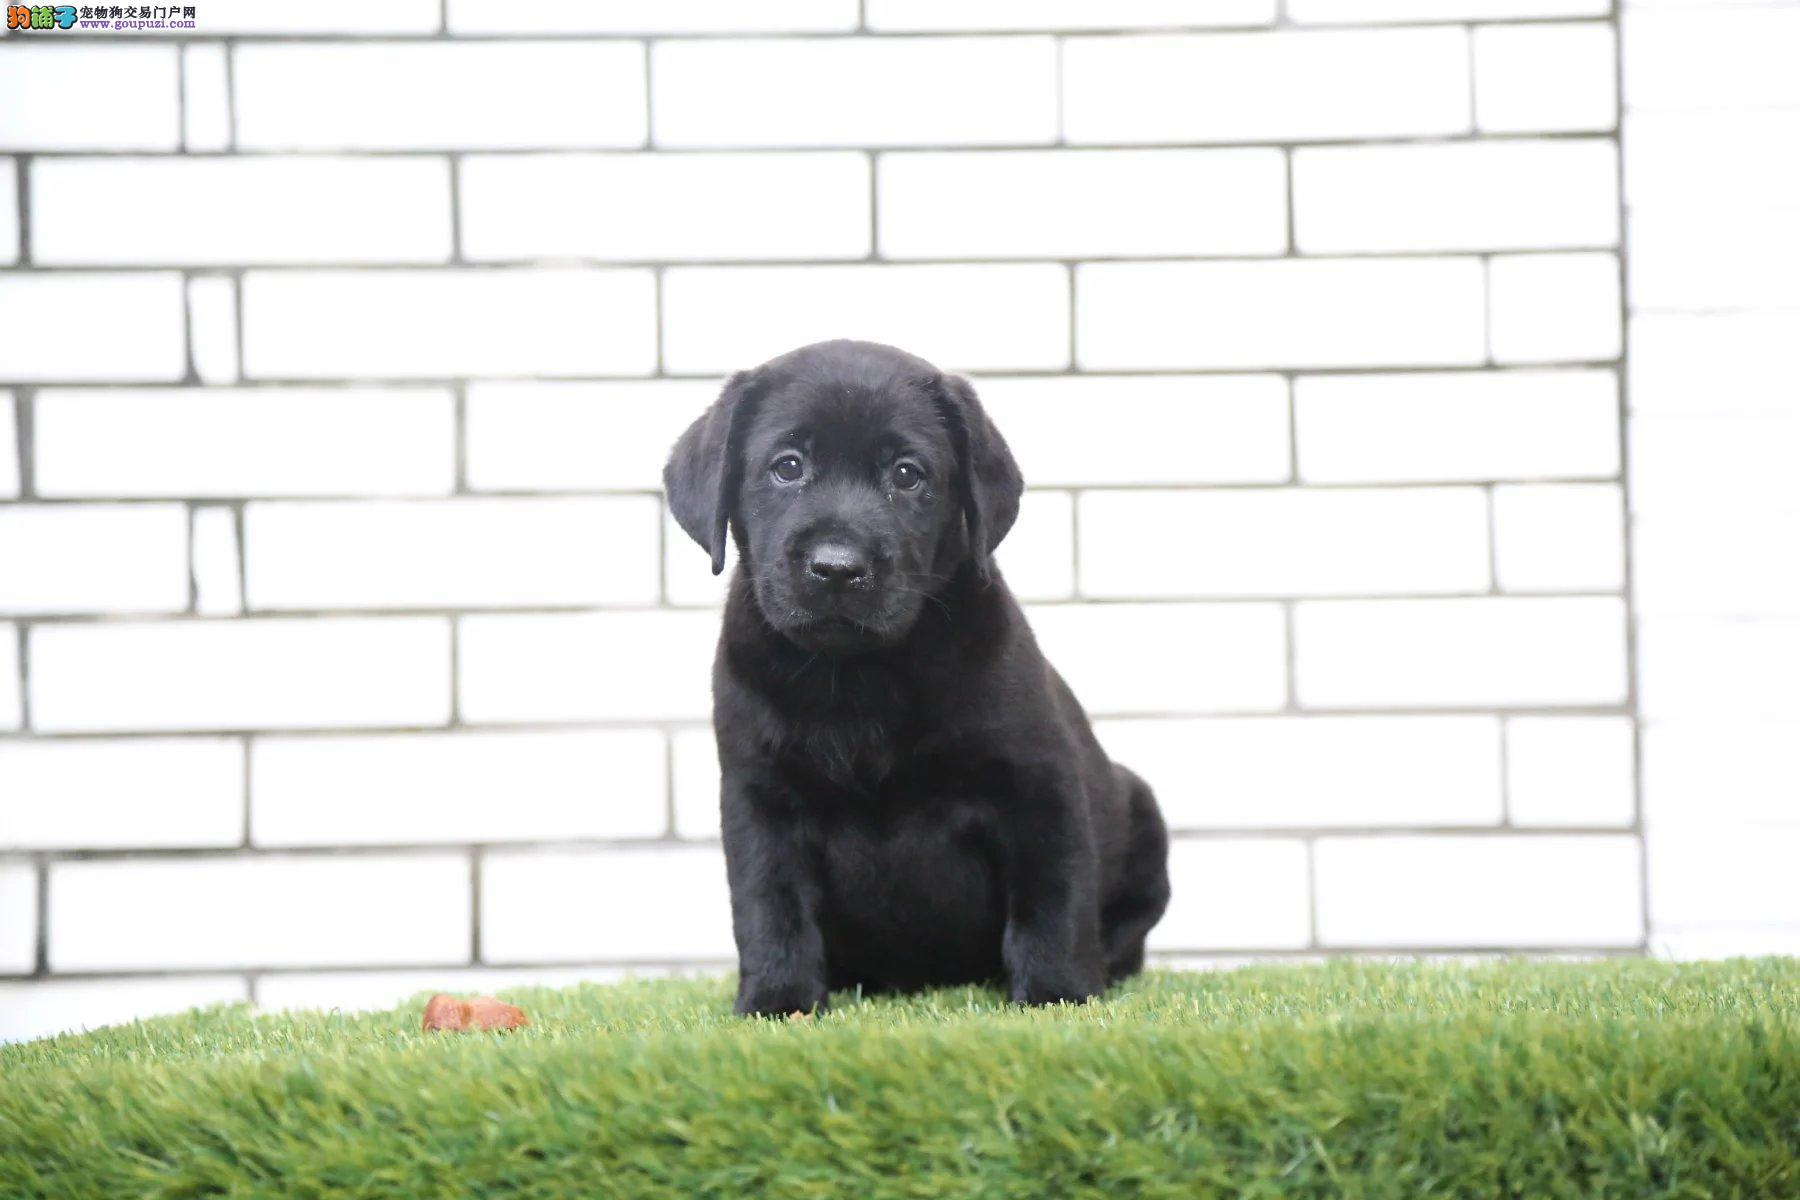 出售赛级纯种拉布拉多犬,可视频,可送货